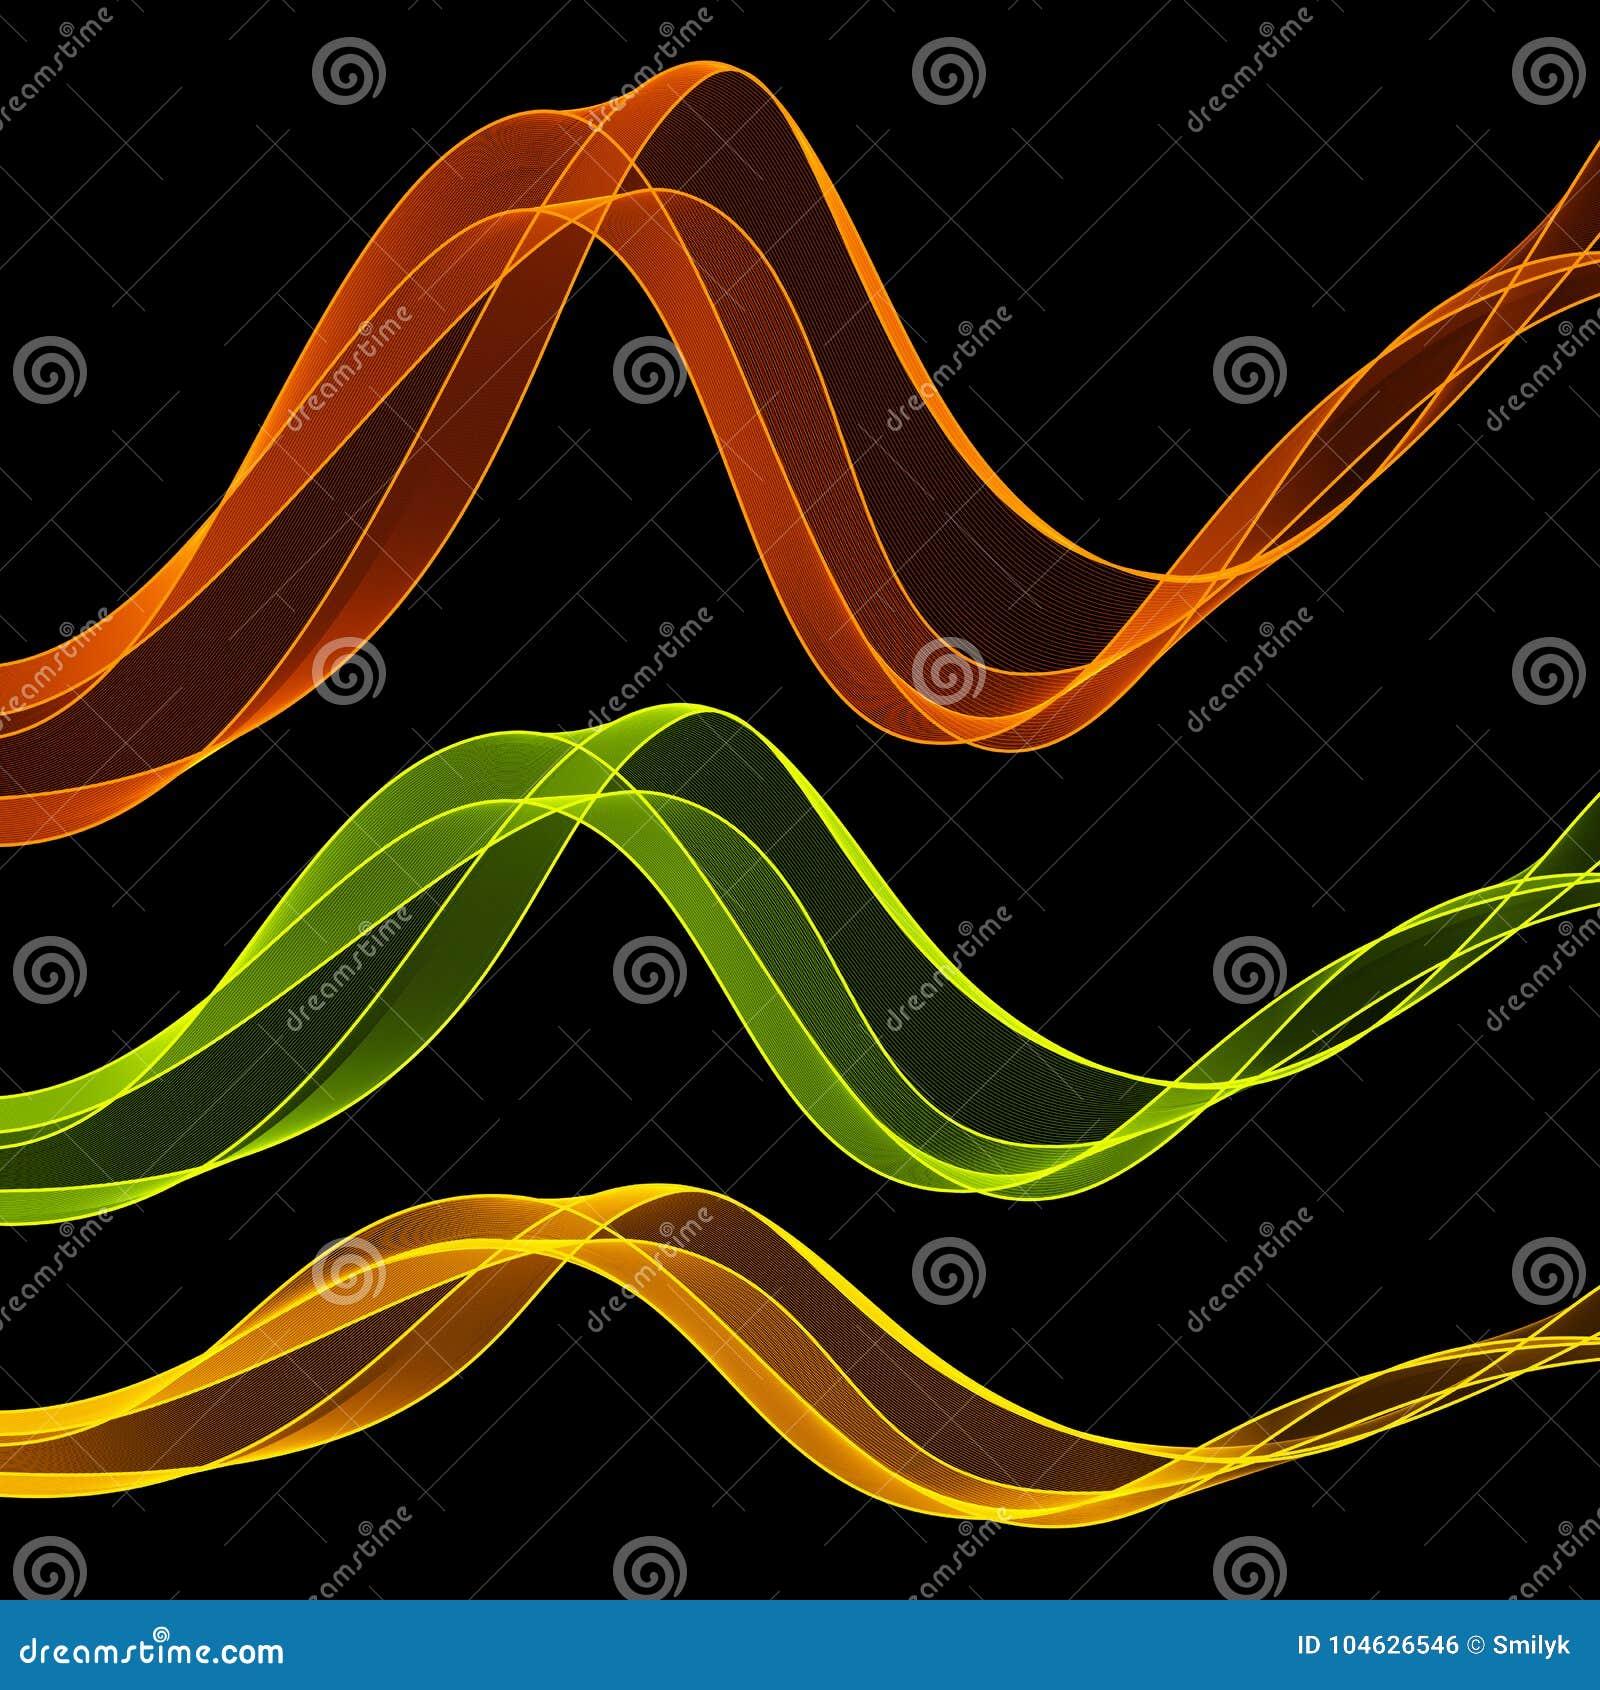 Download De Reeks Van Heldere Samenvatting Isoleerde Transparante Golflijnen Voor Dark Vector Illustratie - Illustratie bestaande uit dynamisch, stroom: 104626546